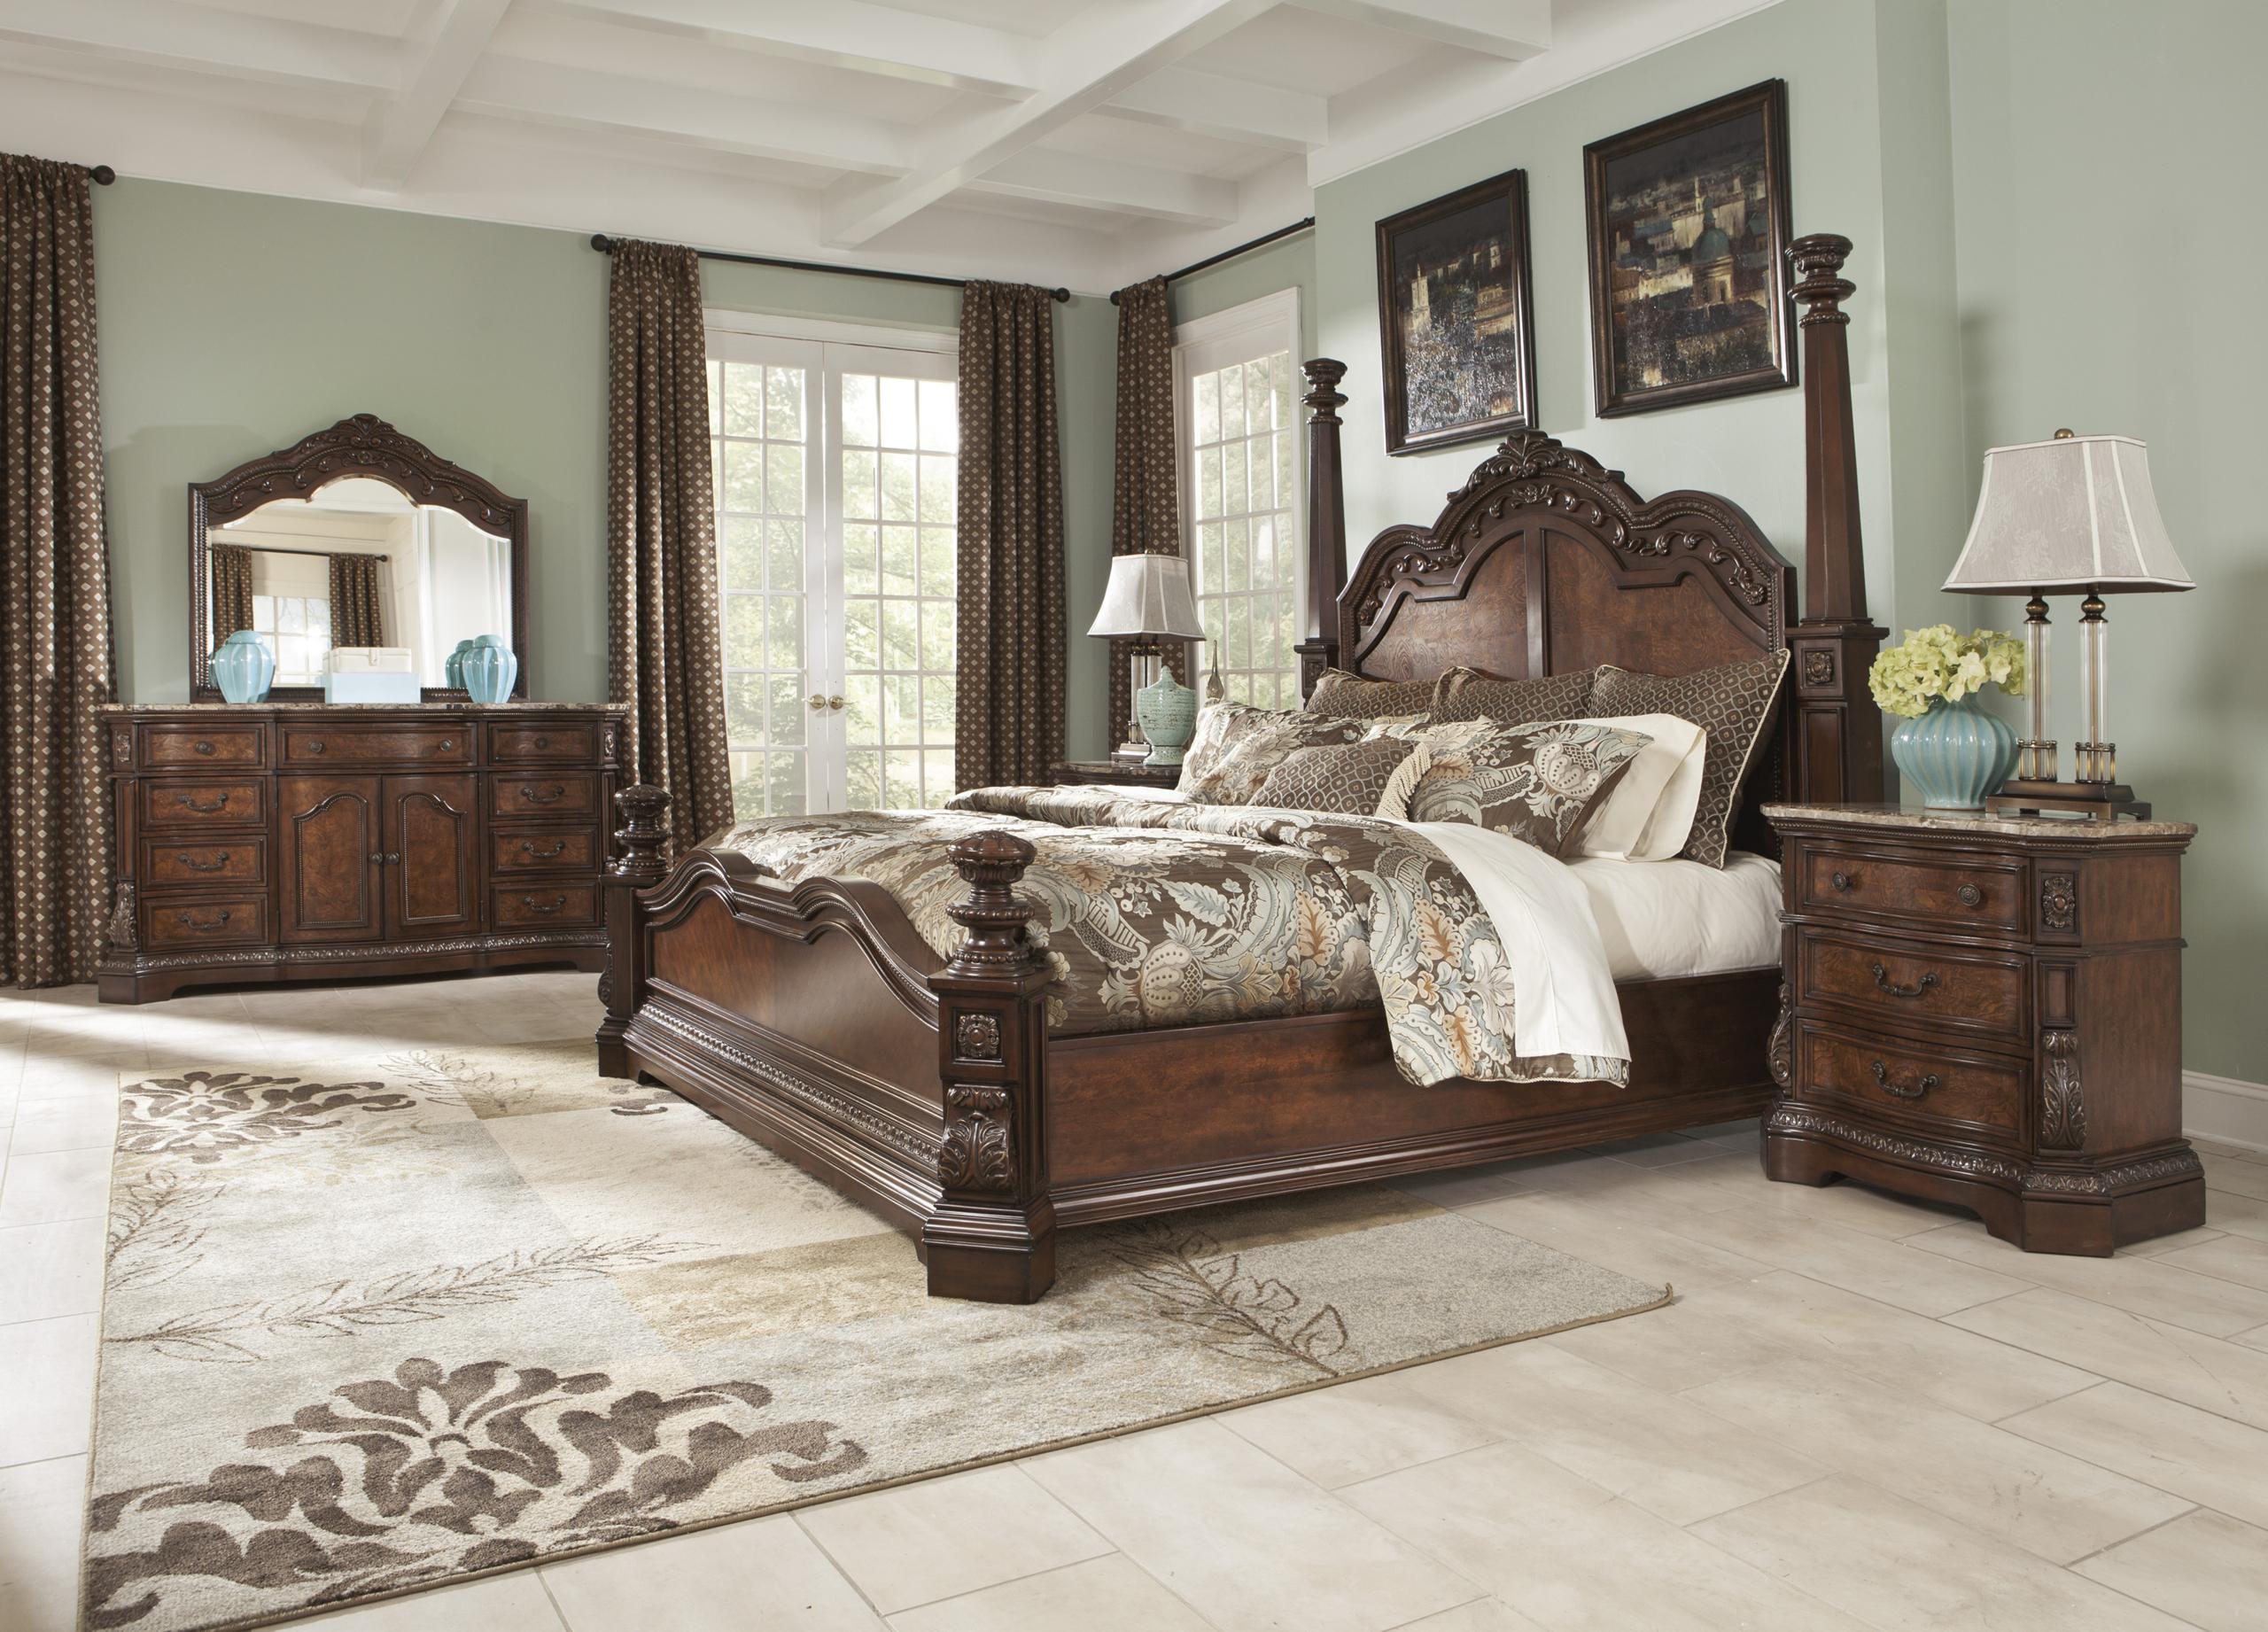 Old World Bedroom Sets Ideas On Foter